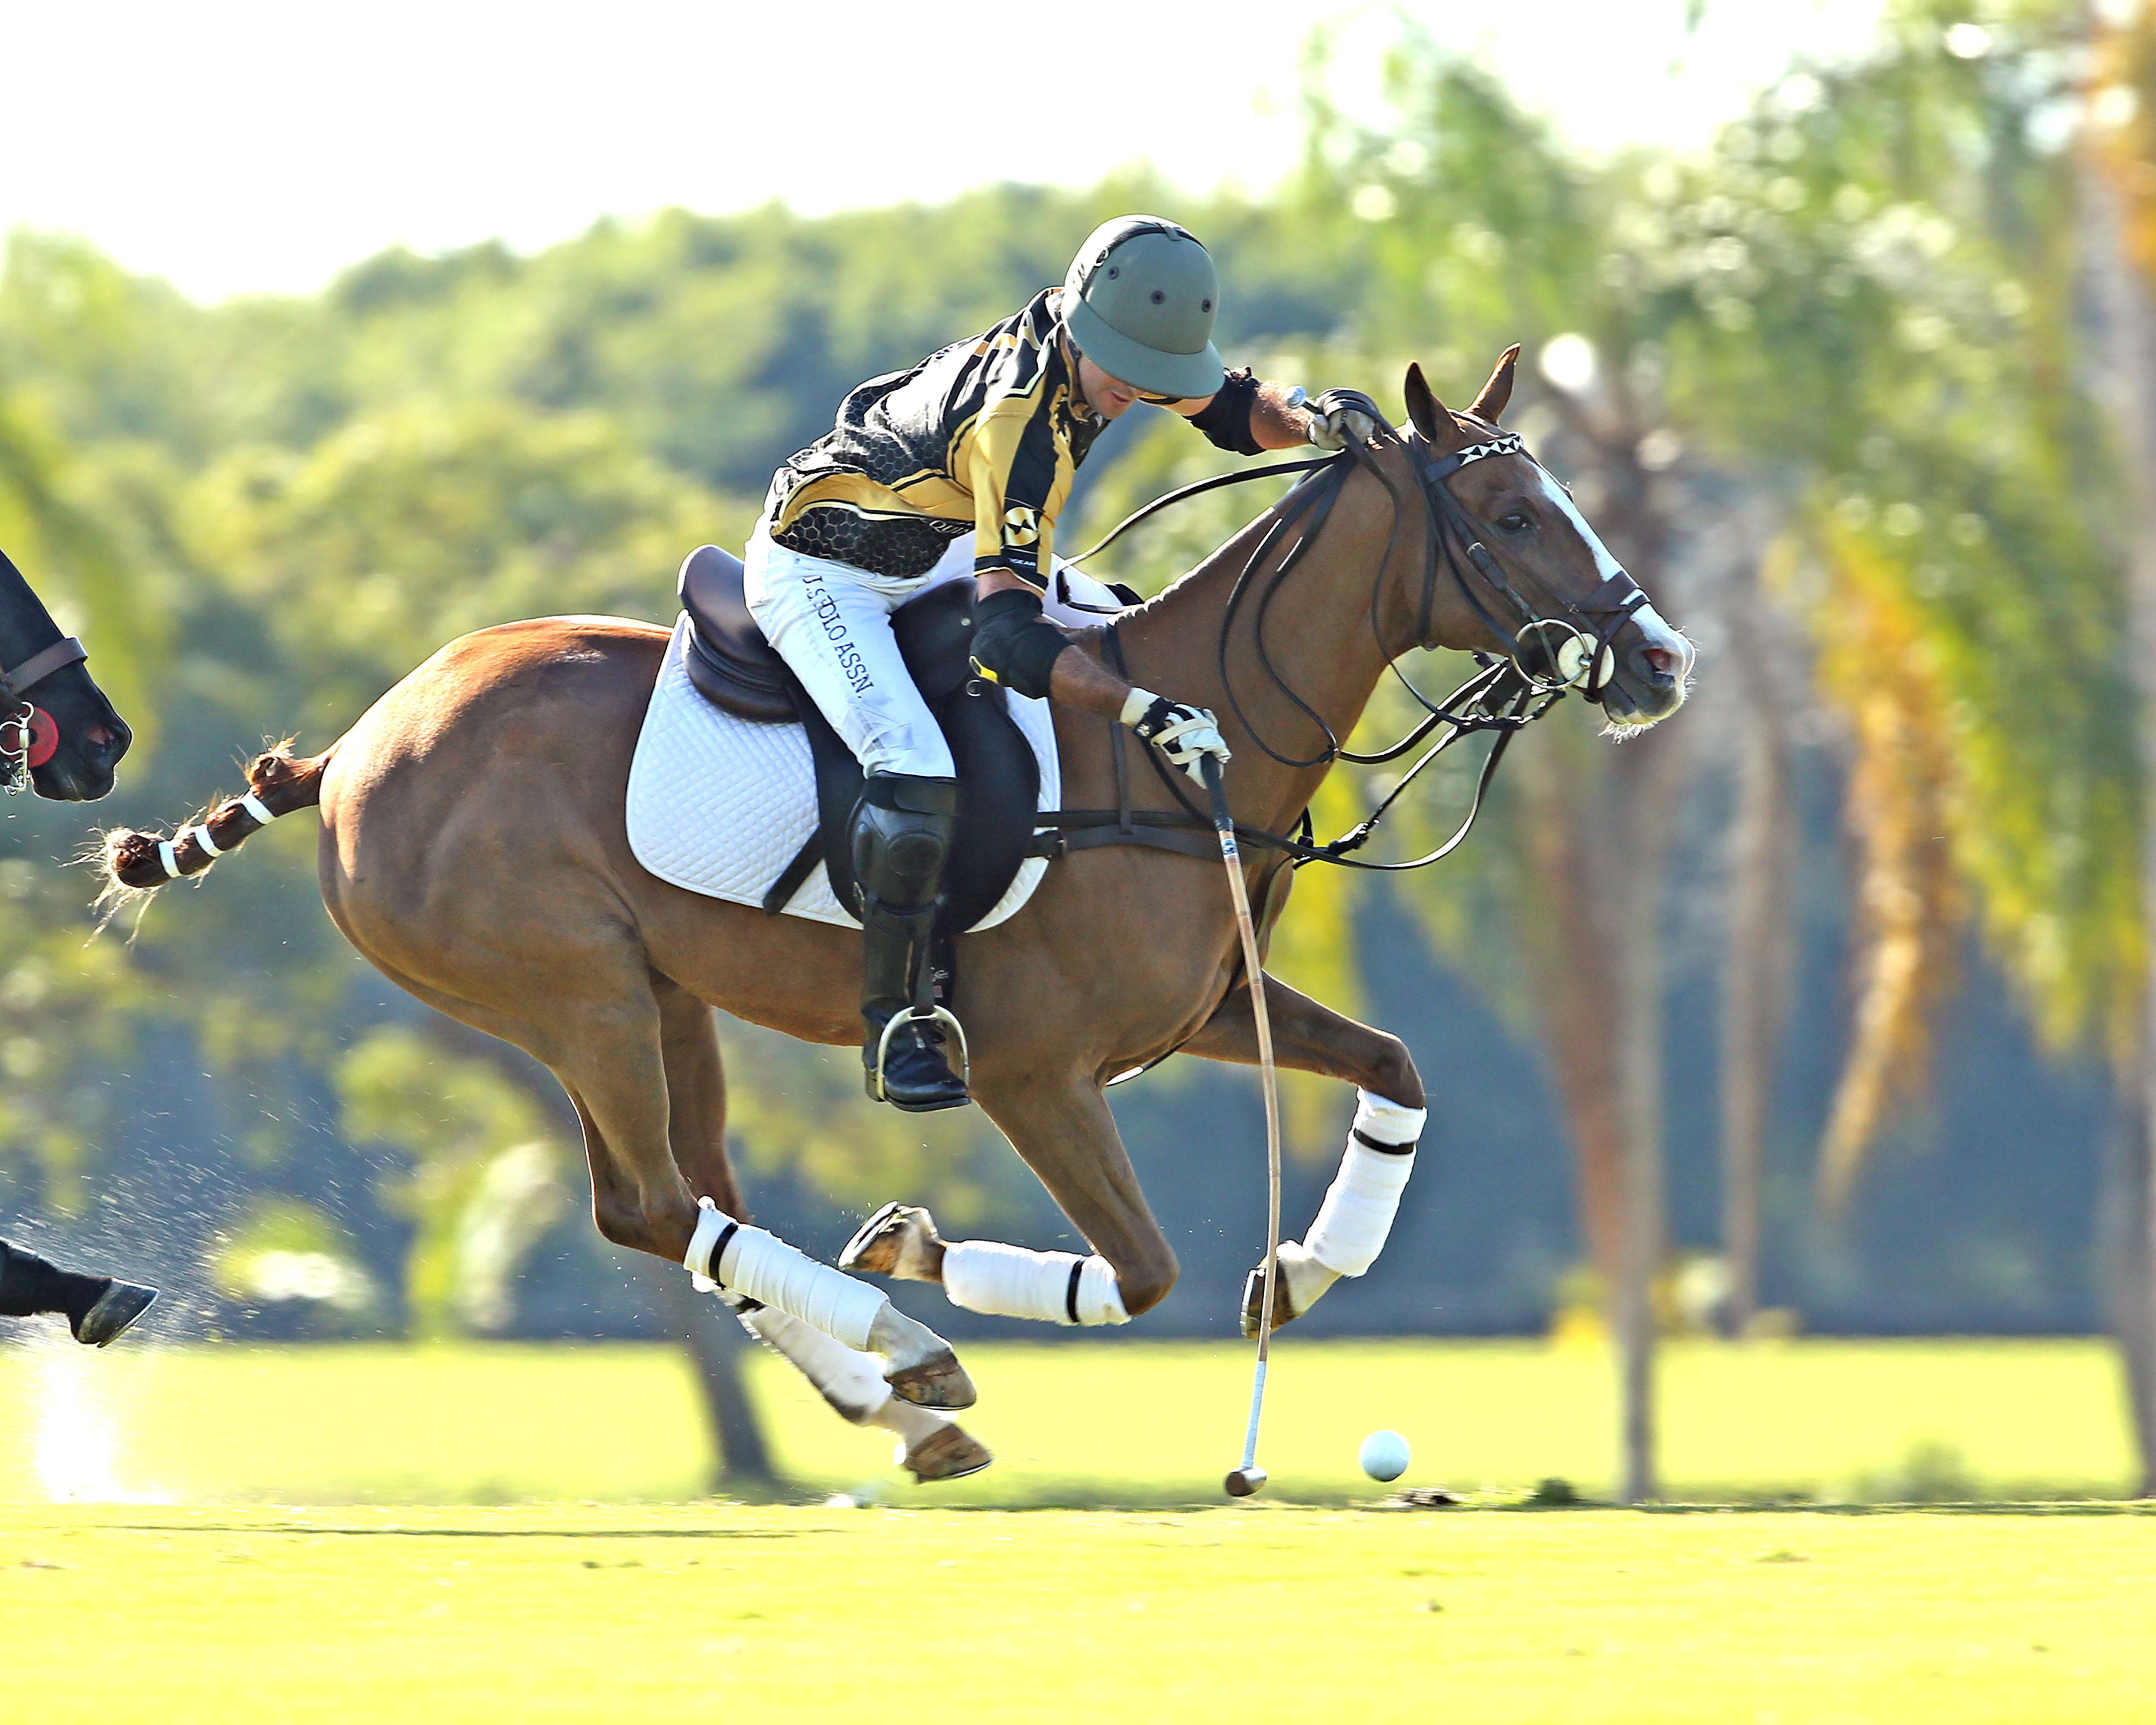 Palm Beach Equine's Costi Caset ©Alex Pacheco